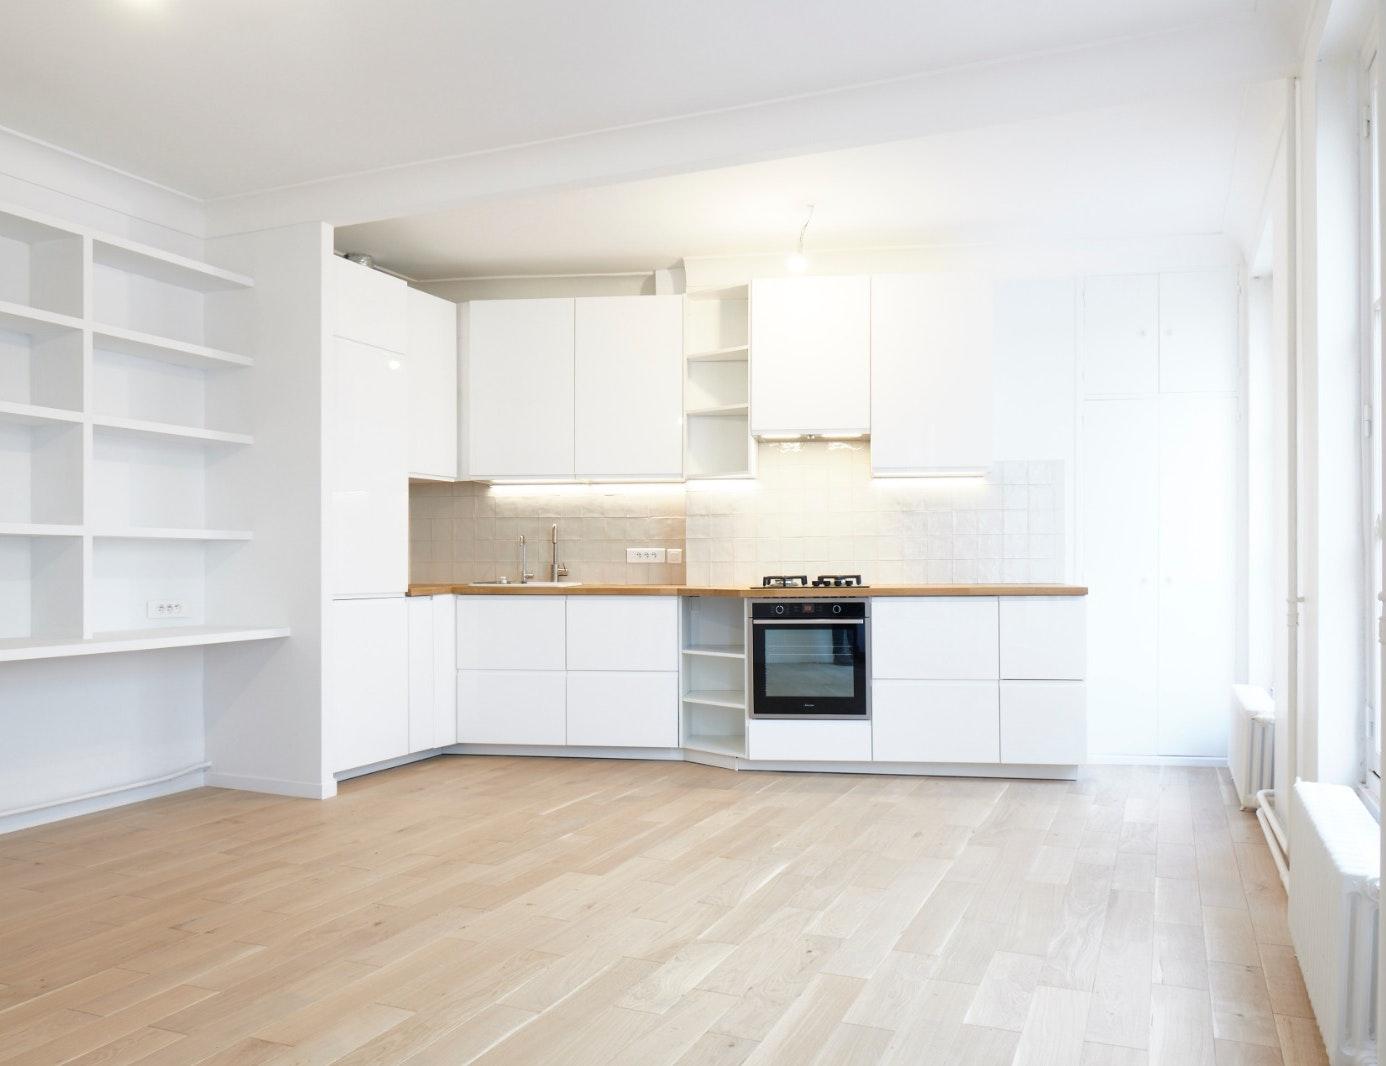 photo Rénovation complète d'un appartement Renovar